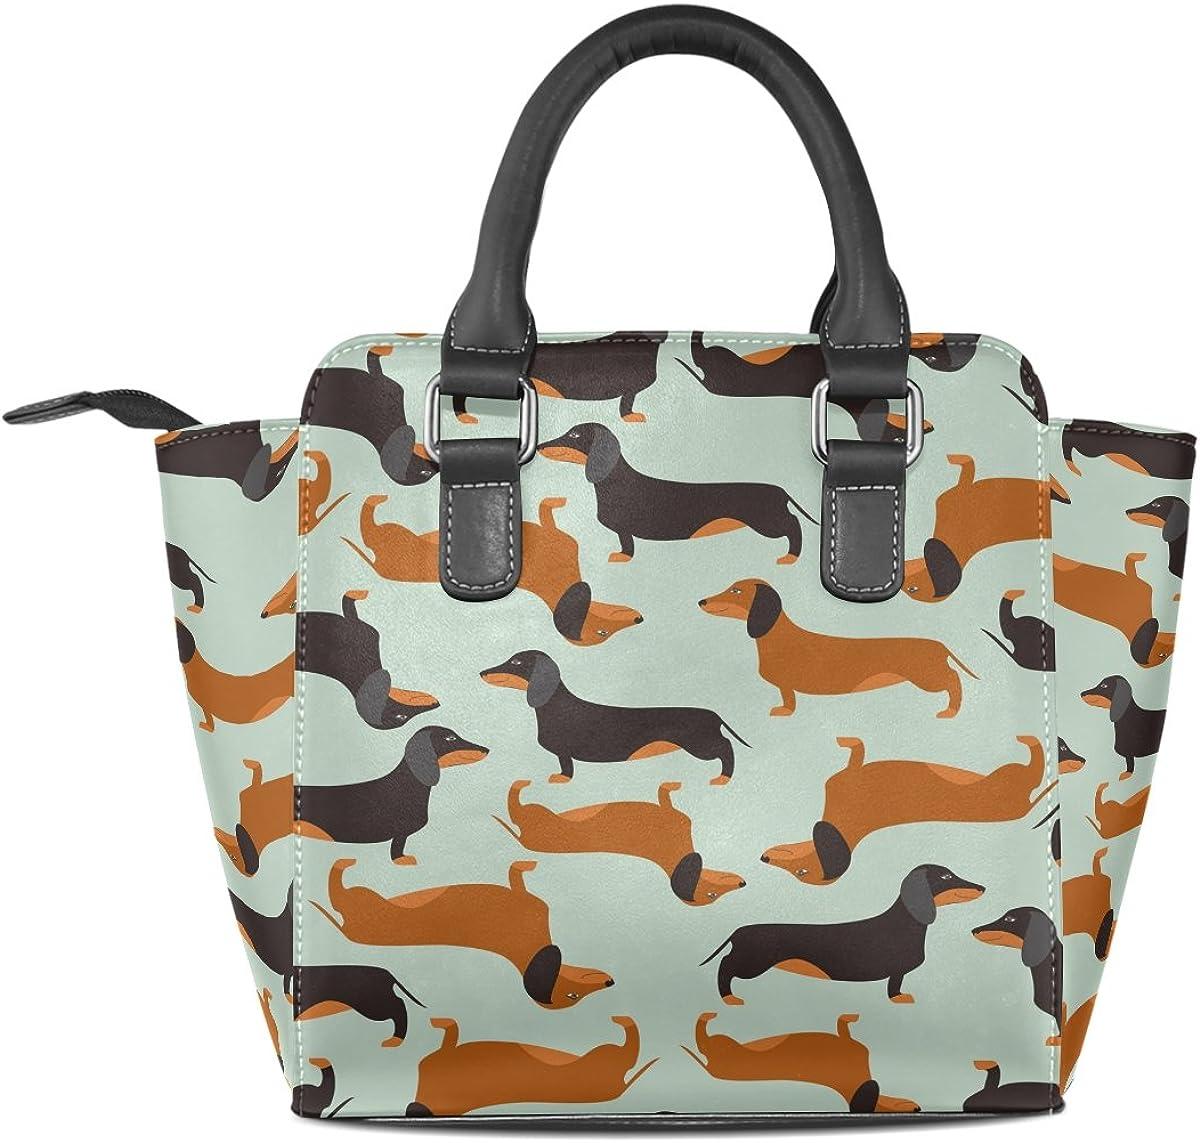 Use4 Funny Colorful Dinosaur Rivet PU Leather Tote Bag Shoulder Bag Purse